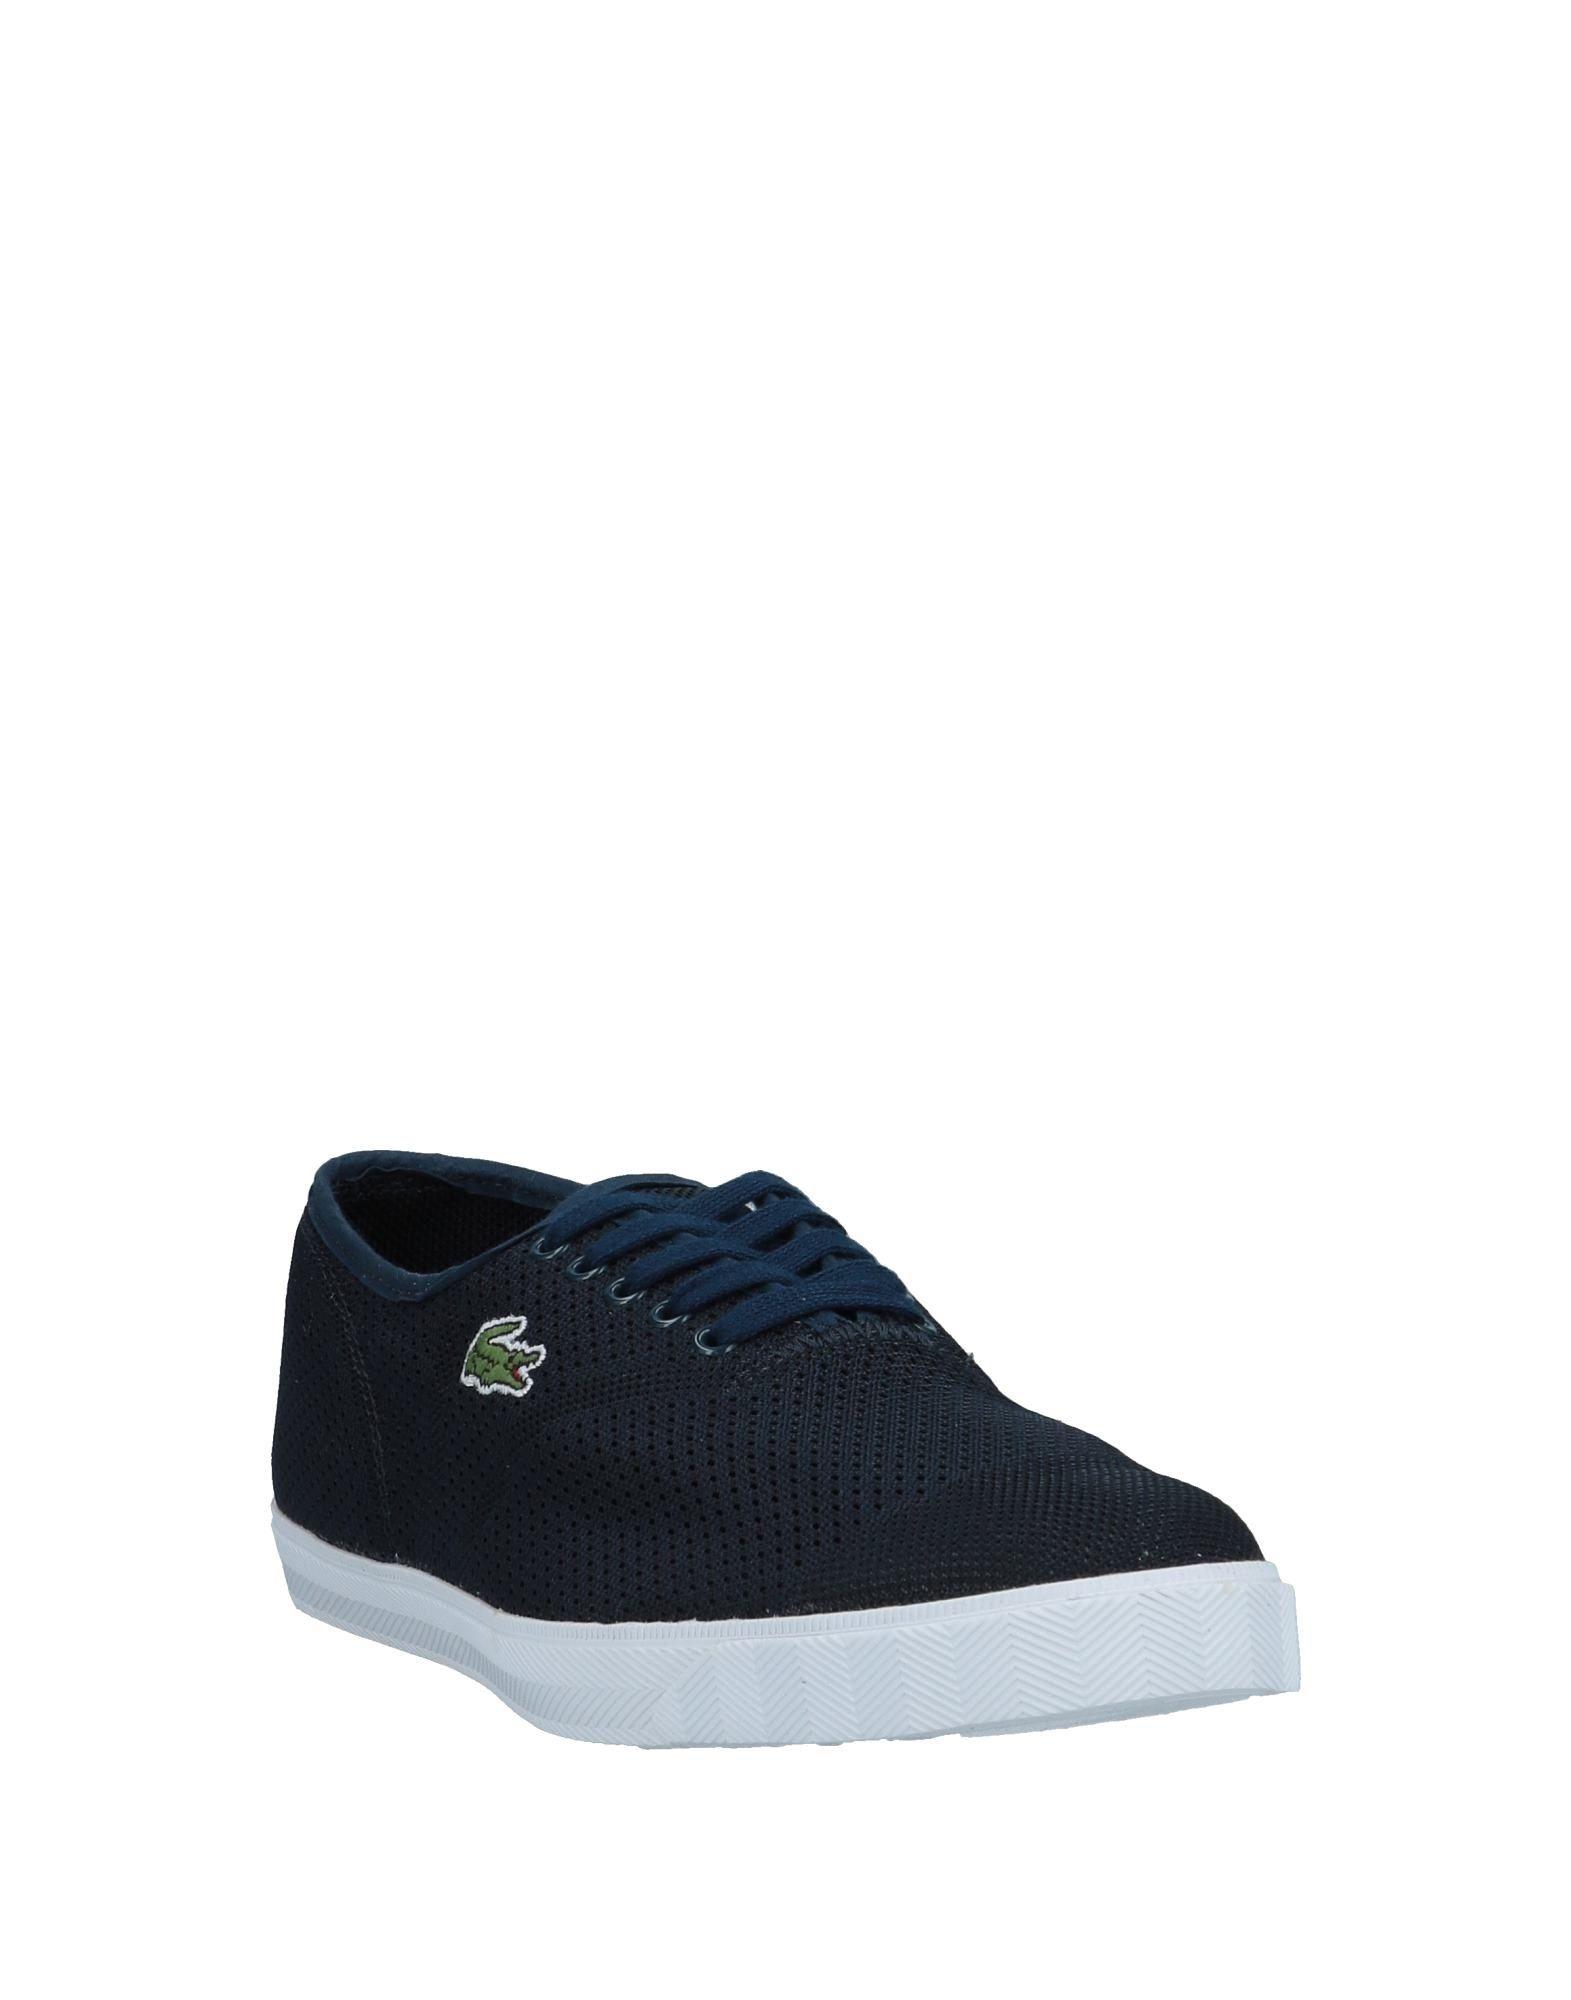 Rabatt echte Herren Schuhe Lacoste Sport Sneakers Herren echte  11546667FN 6fcce3